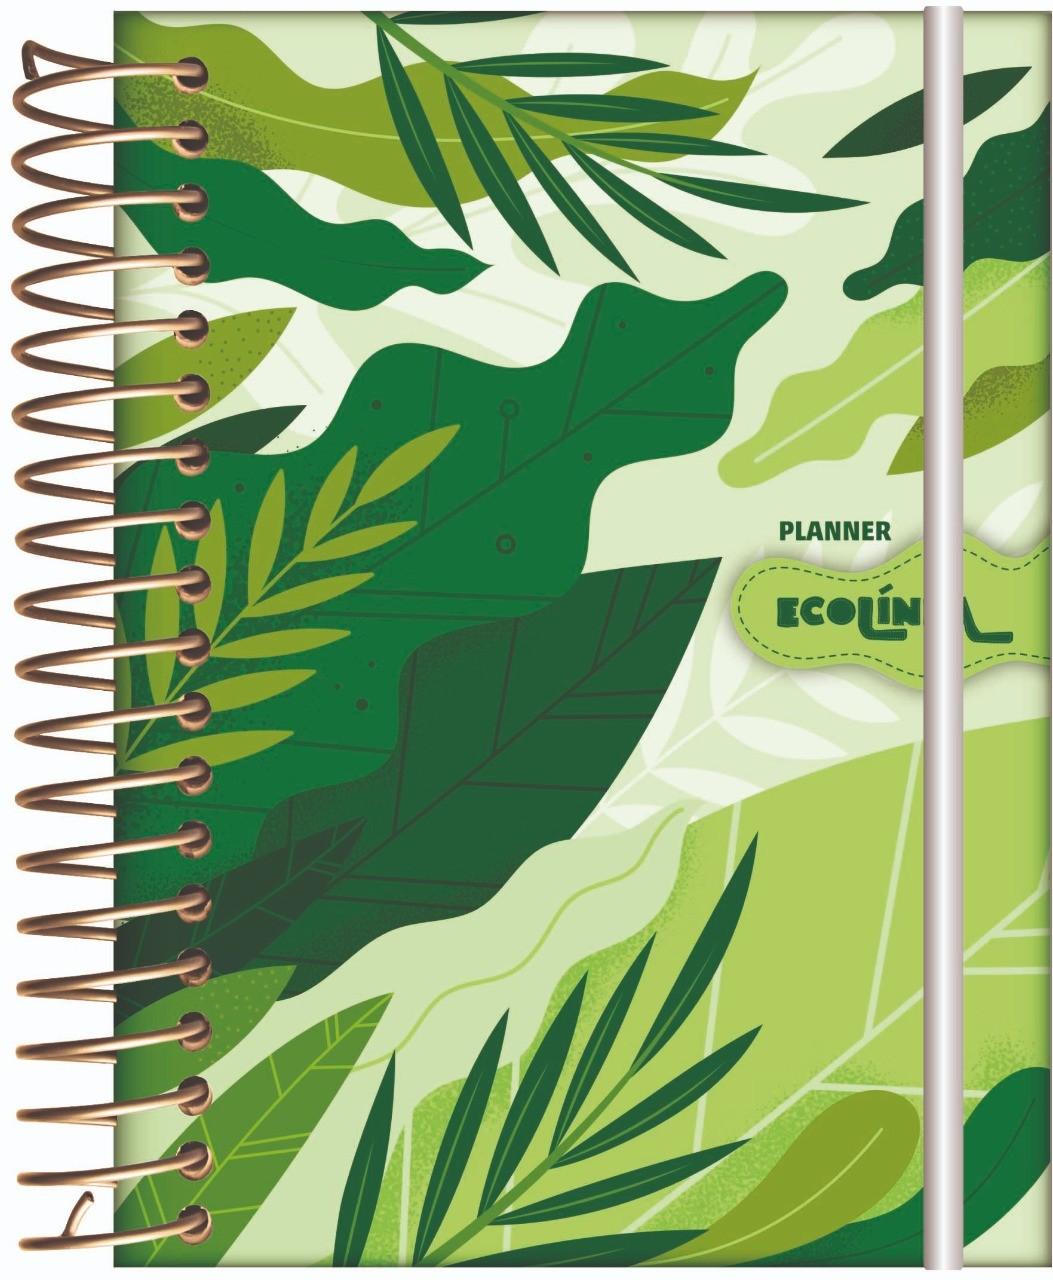 Agenda Planejamento - Eco Linea - Jandaia